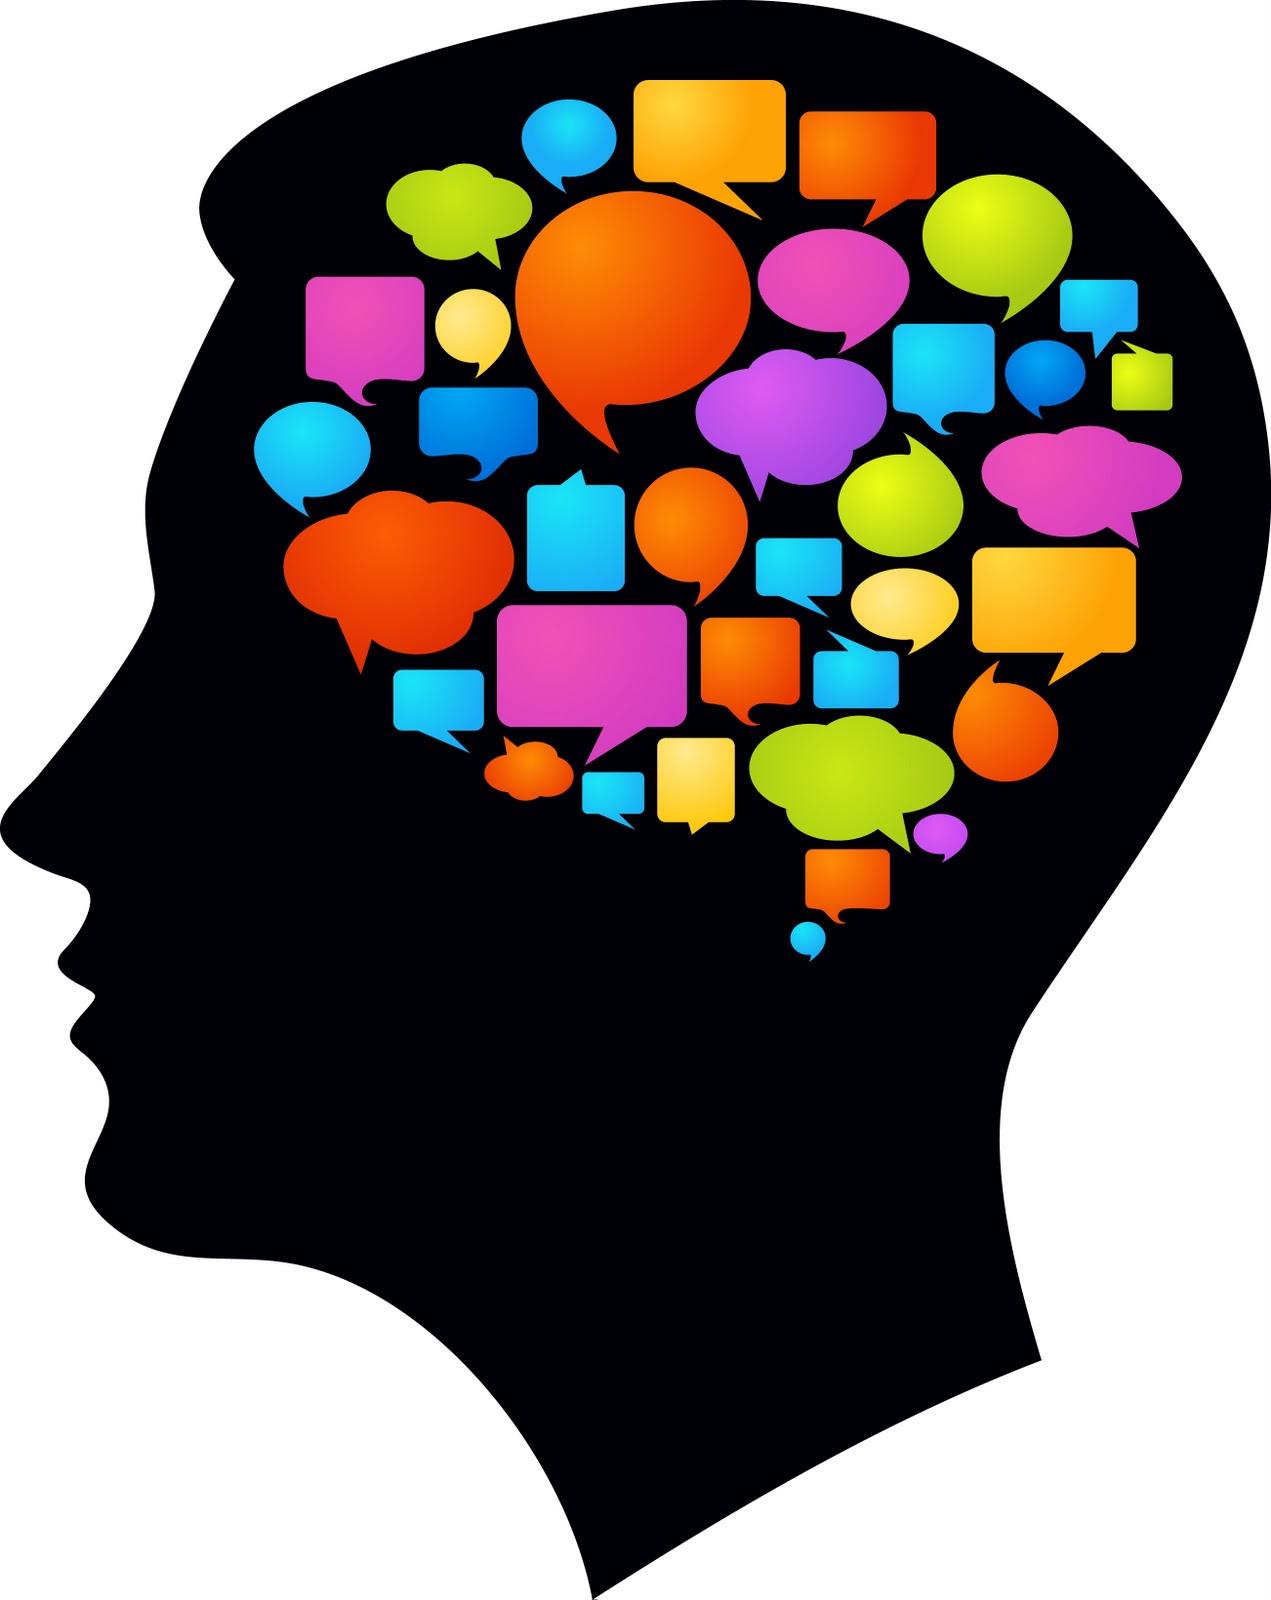 تسلط بر ذهن,تسلط بر ذهن خود,چطور ذهن خود را کنترل کنیم